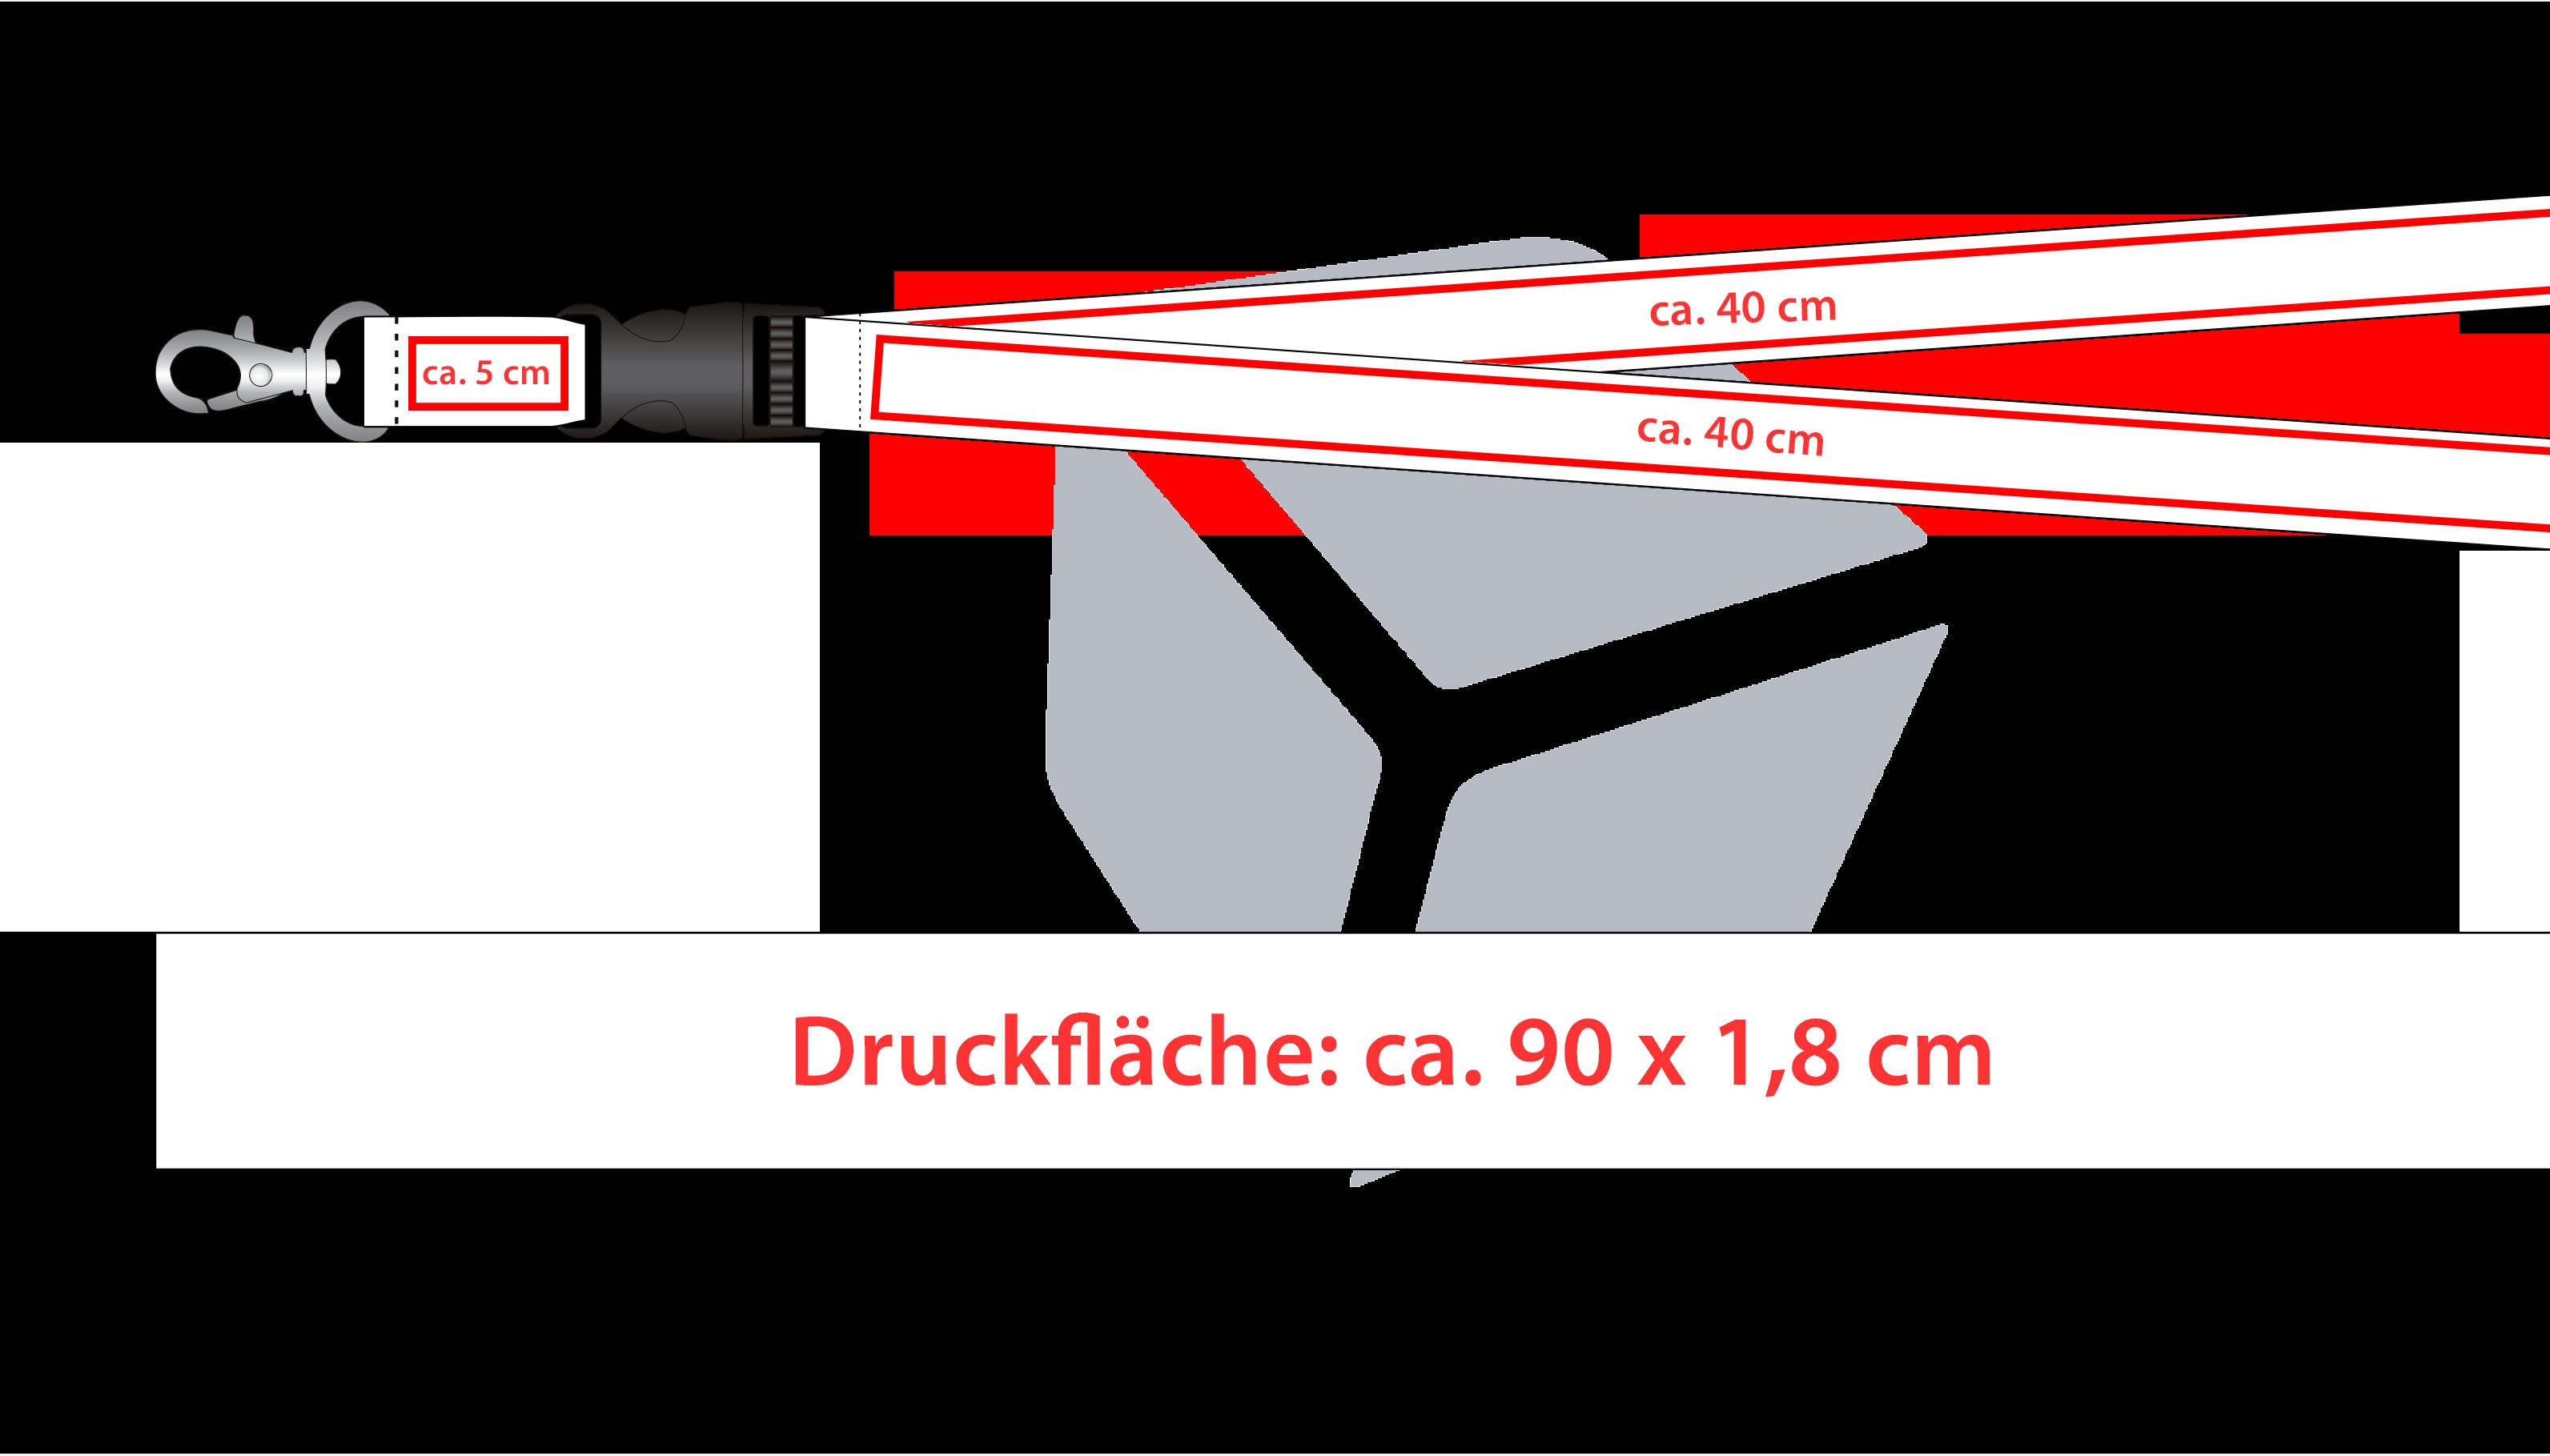 Druckflaeche-20mm-lanyard-original